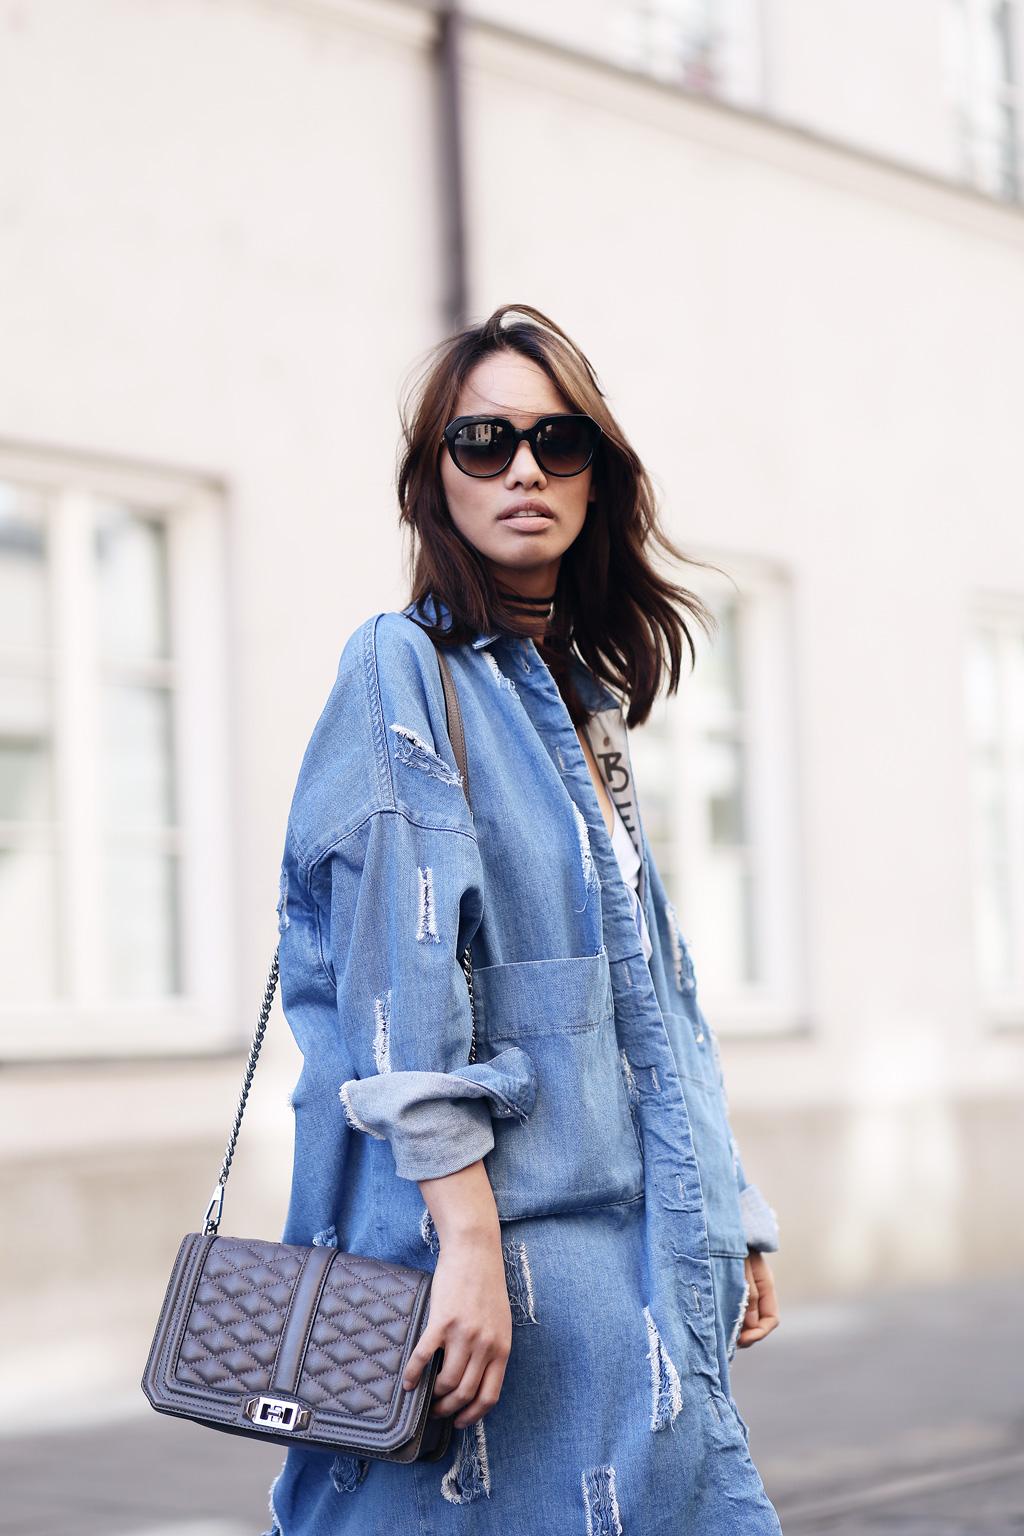 cutoutdress_zara_denim_jeans_mantel_blusen_kleid_white_blue_muenchen_modeblogger_styleblogger_fashionblogger_fashionblog_munich_thefashionanarchy_1